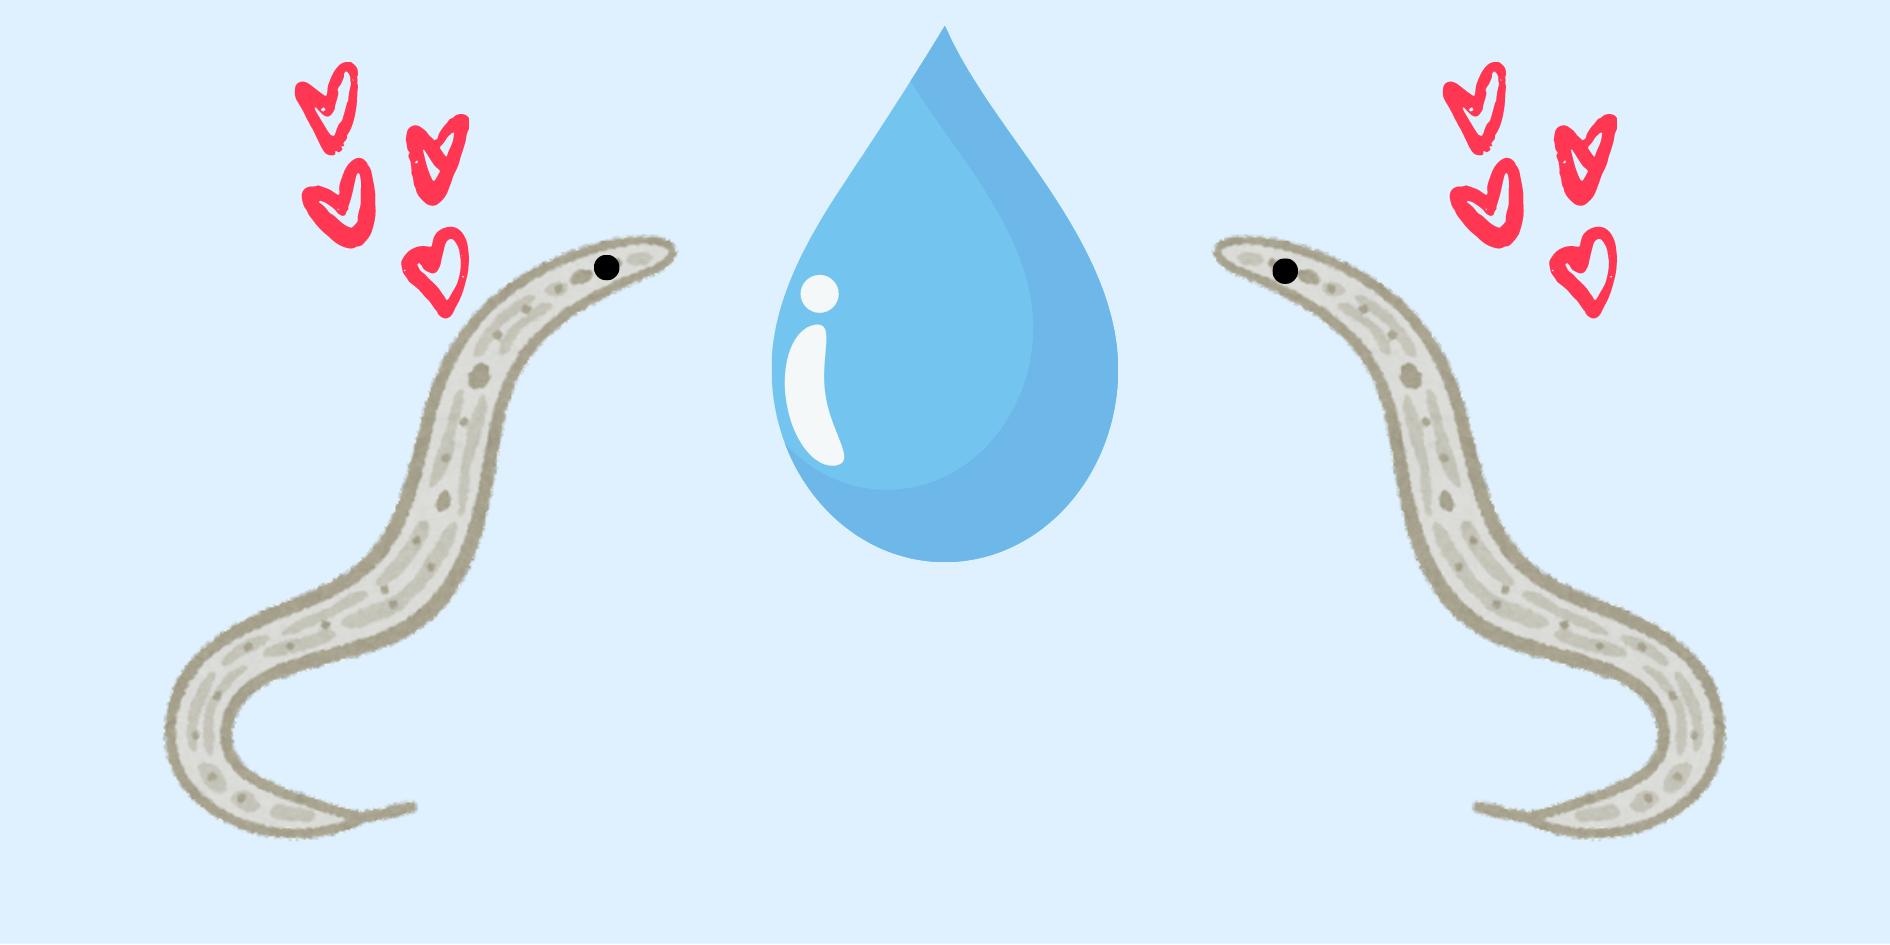 例のニョロニョロが尿の匂いで「すい臓がん」の早期発見も可能と判明!